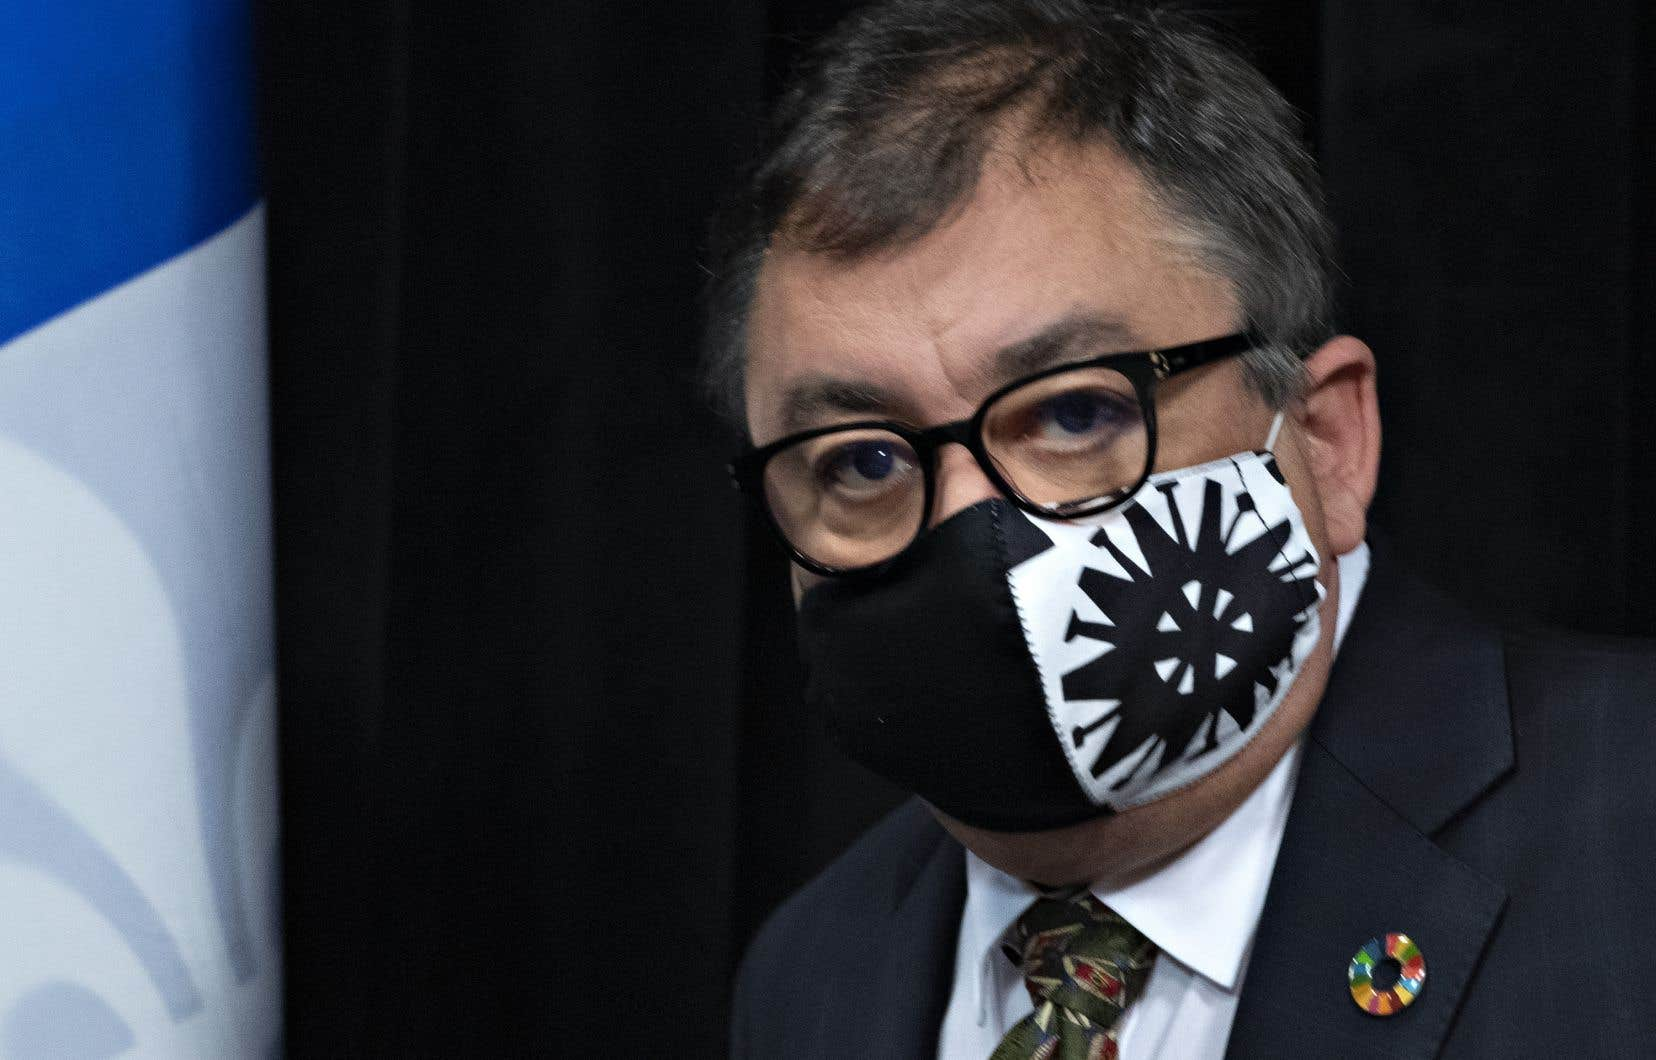 Le22 avril dernier, le Dr Arruda confirmait que Québec recommanderait le port du masque dans les situations où la distanciation sociale ne peut être respectée.